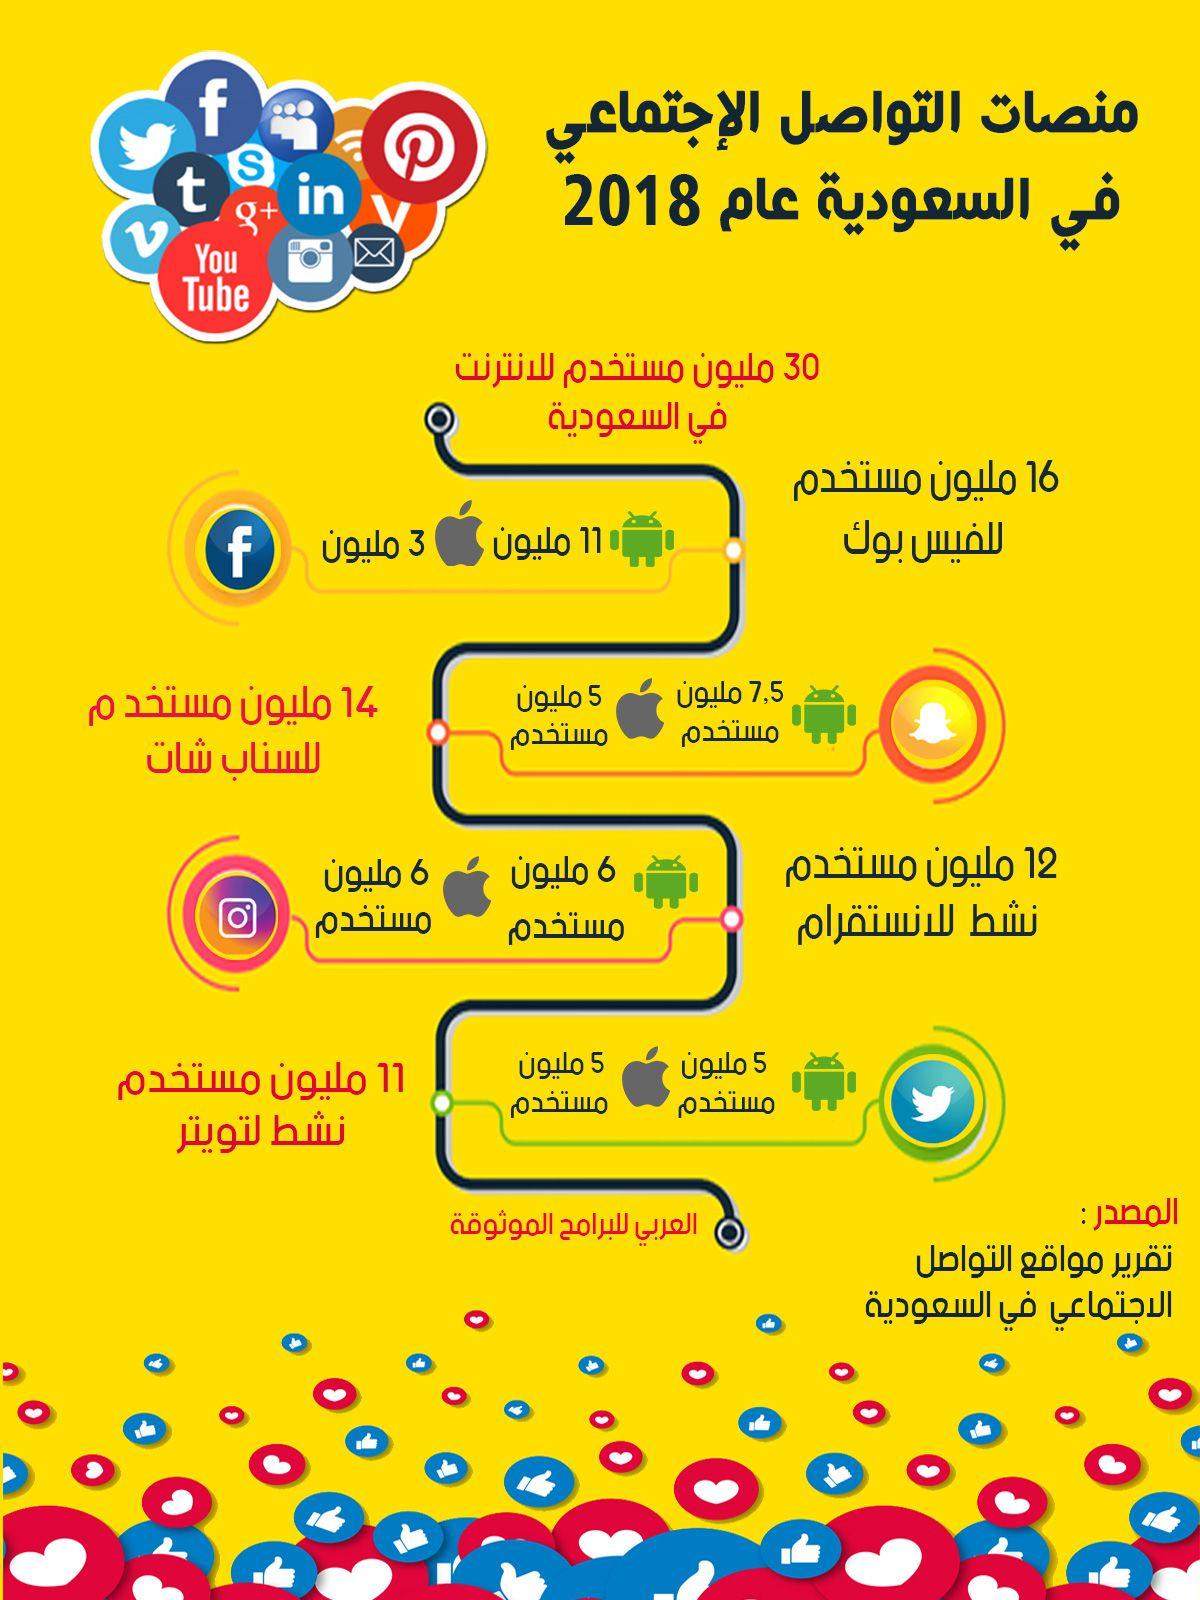 منصات التواصل الاجتماعي في السعودية عام 2018 30th